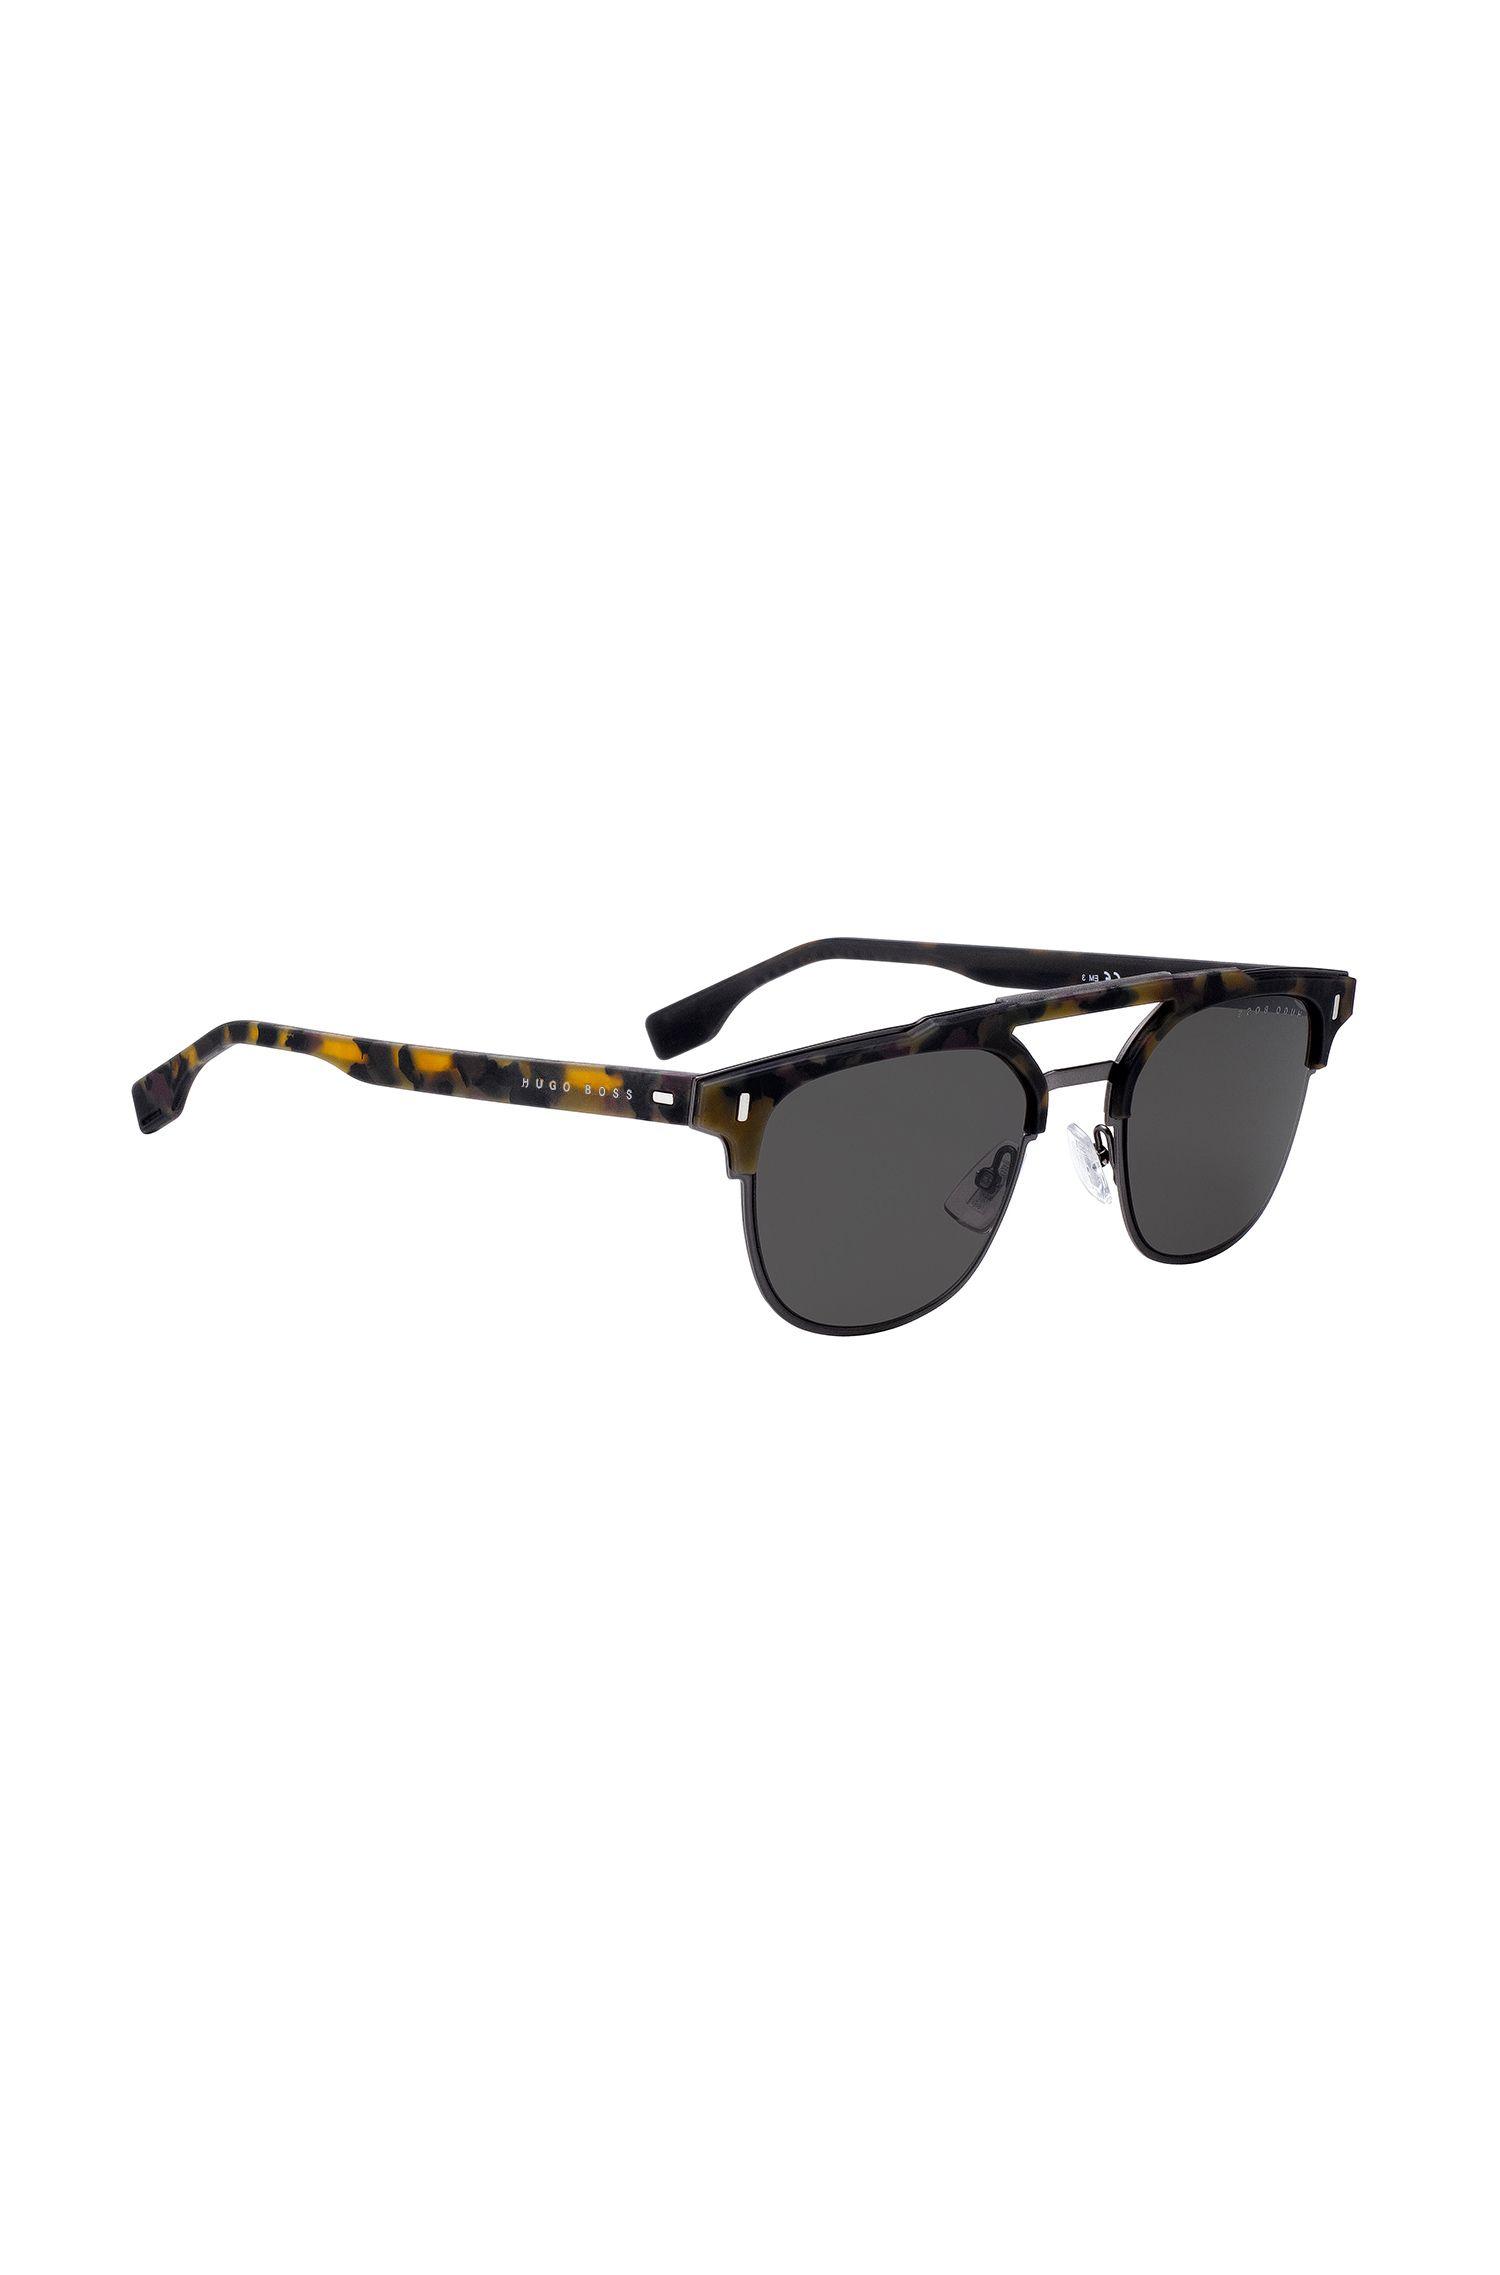 Gummierte Sonnenbrille mit Havanna-Muster und Nieten an den Scharnieren